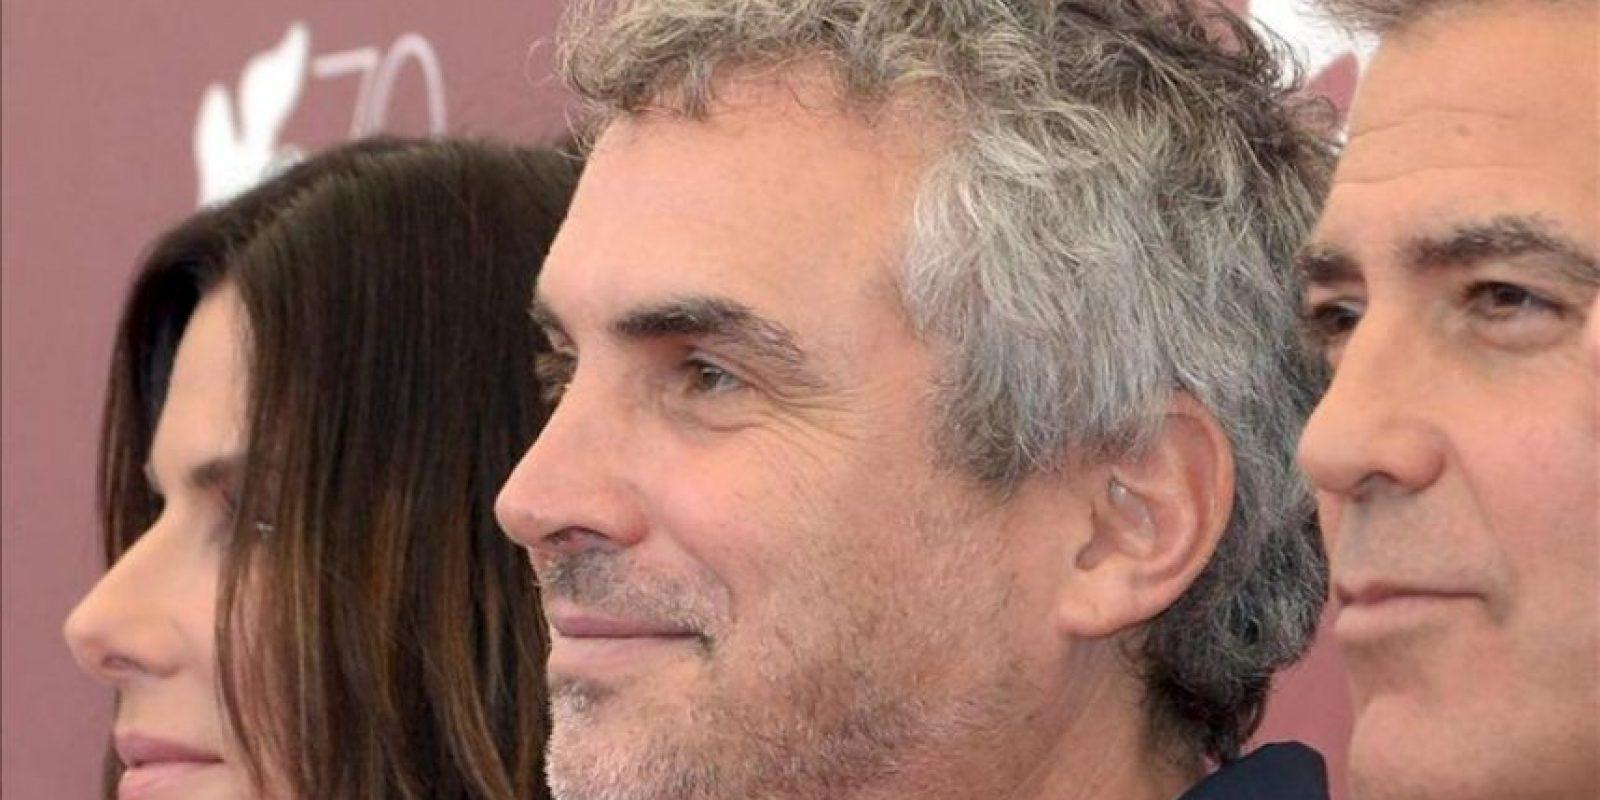 """Los actores estadounidenses George Clooney (d) y Sandra Bullock (i), posan junto al director mexicano Alfonso Cuarón (c), durante el pase gráfico de la presentación de la película """"Gravity"""", un thriller dirigido por Cuarón, durante la 70 edición del Festival de Cine de Venecia. EFE"""